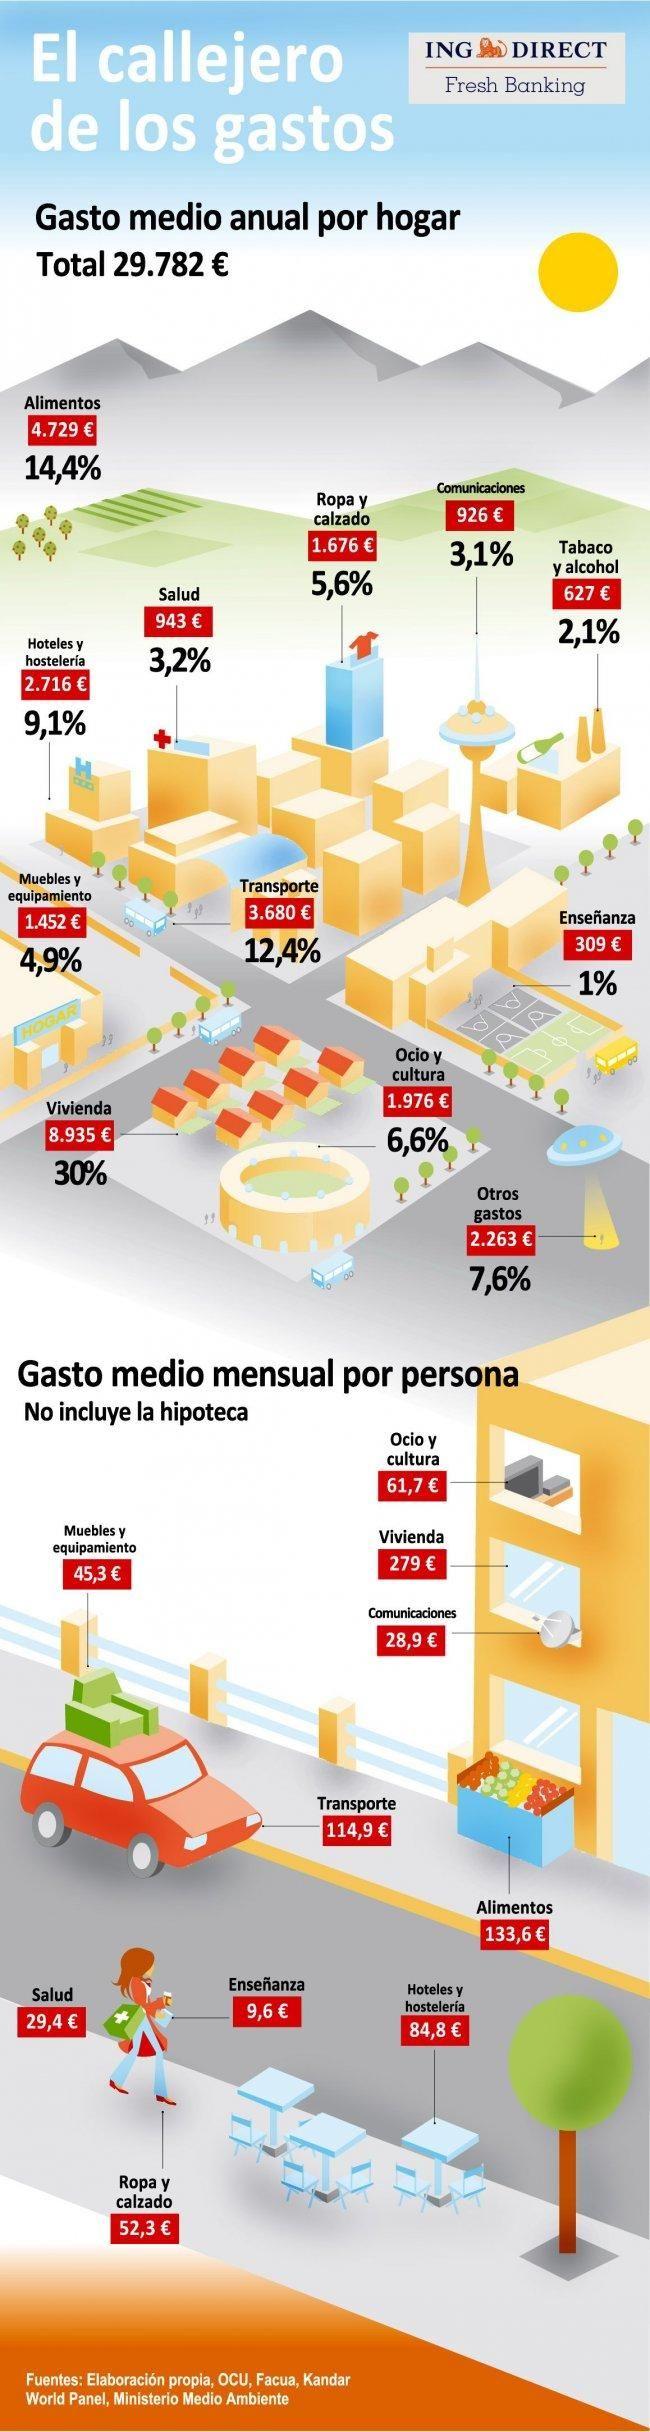 El callejero de los gastos, publicado en www.ennaranja.com